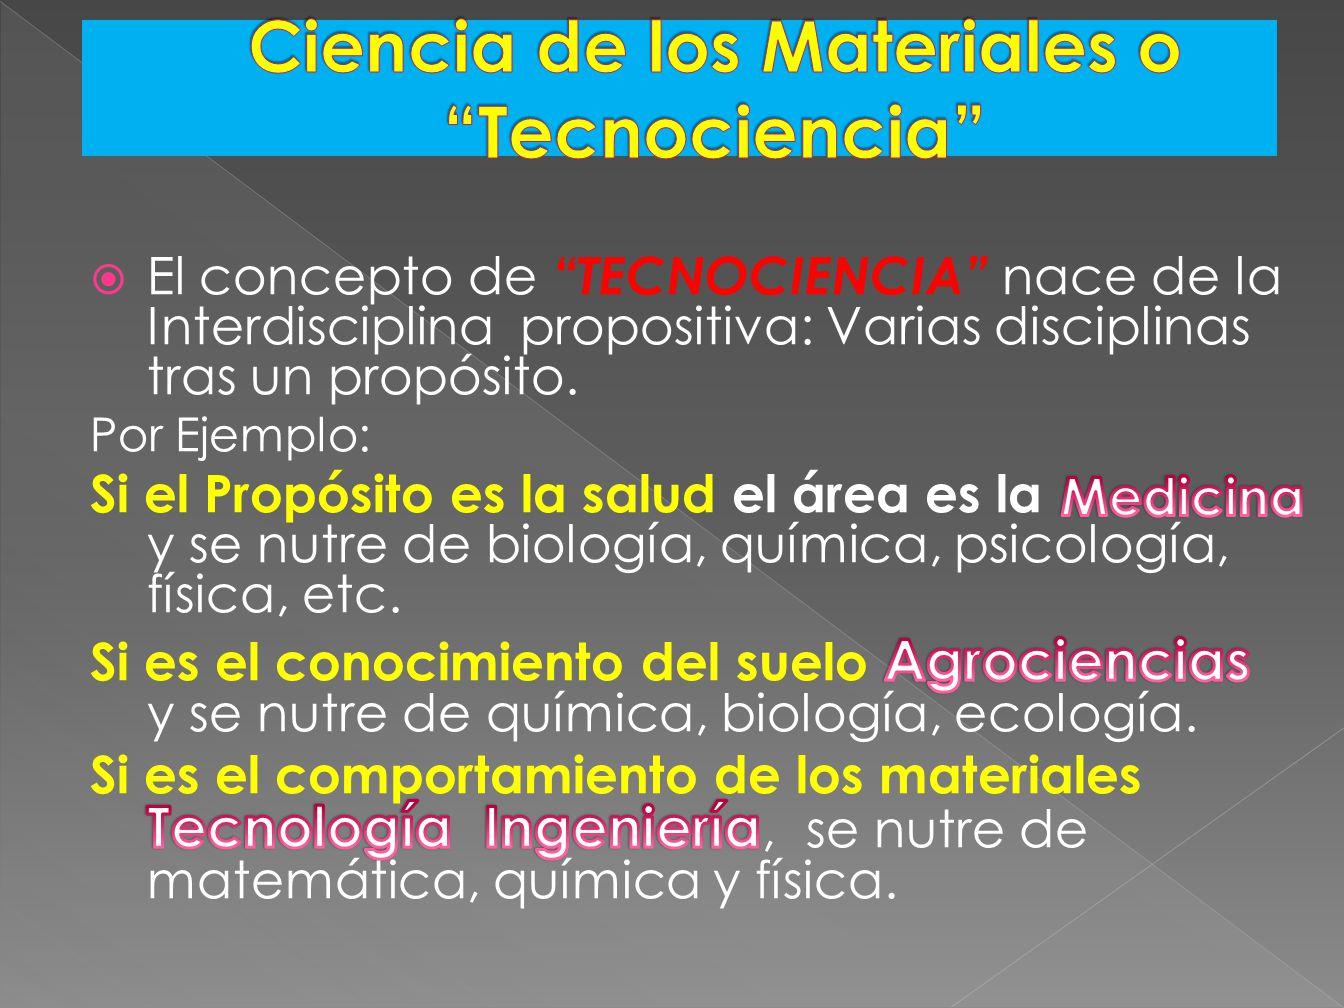 Ciencia de los Materiales o Tecnociencia